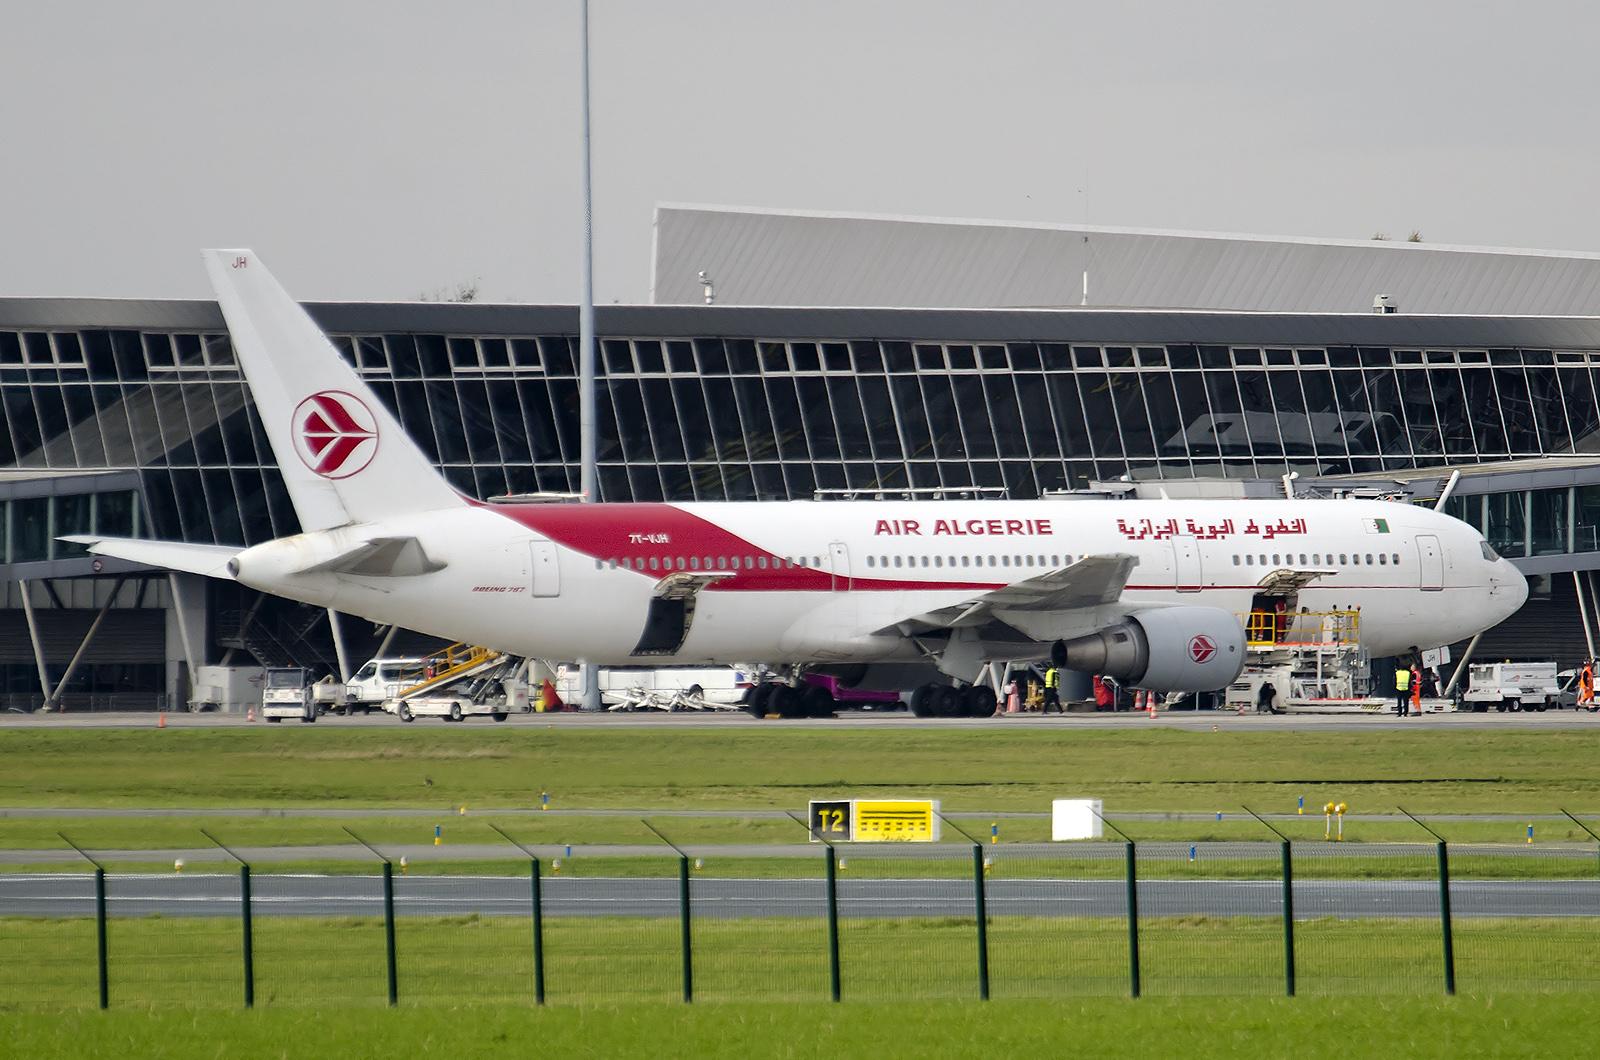 air algrie aprs lairbus a330 de jeudi voici le boeing 767 de ce samedi profitons en car on ne les voit plus beaucoup en france